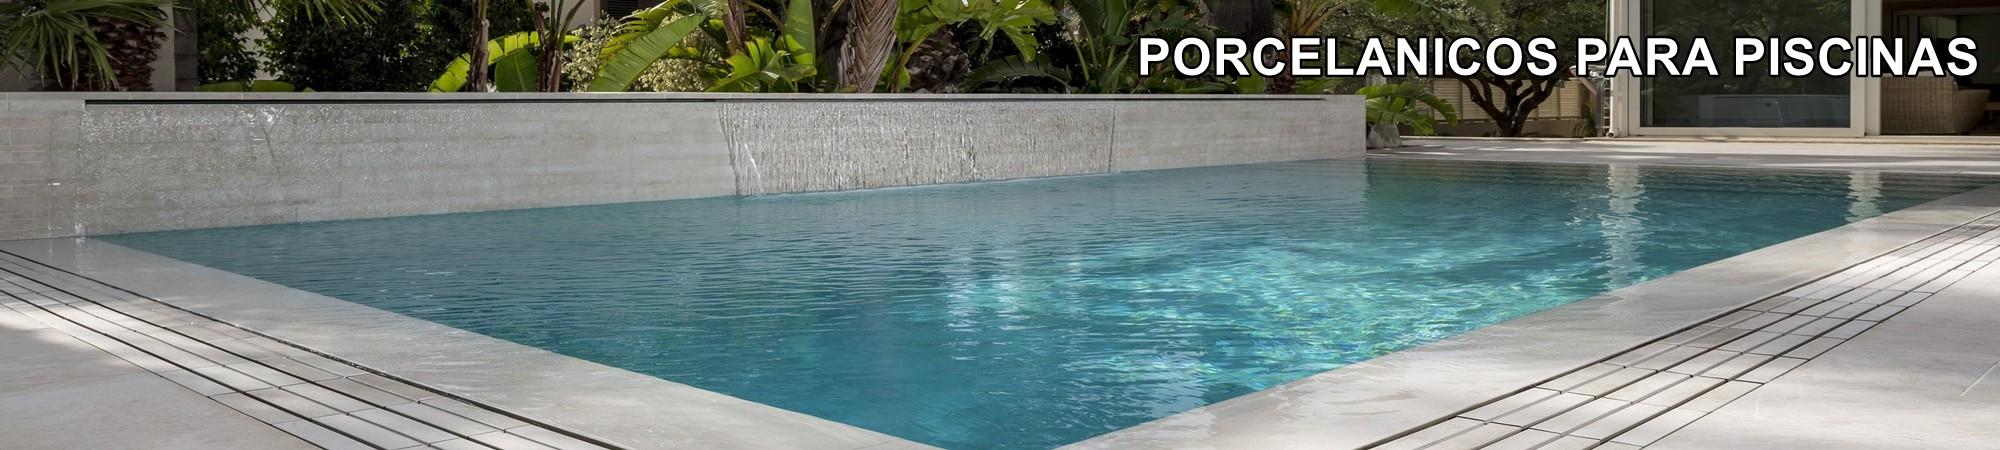 Porcelanicos para piscinas